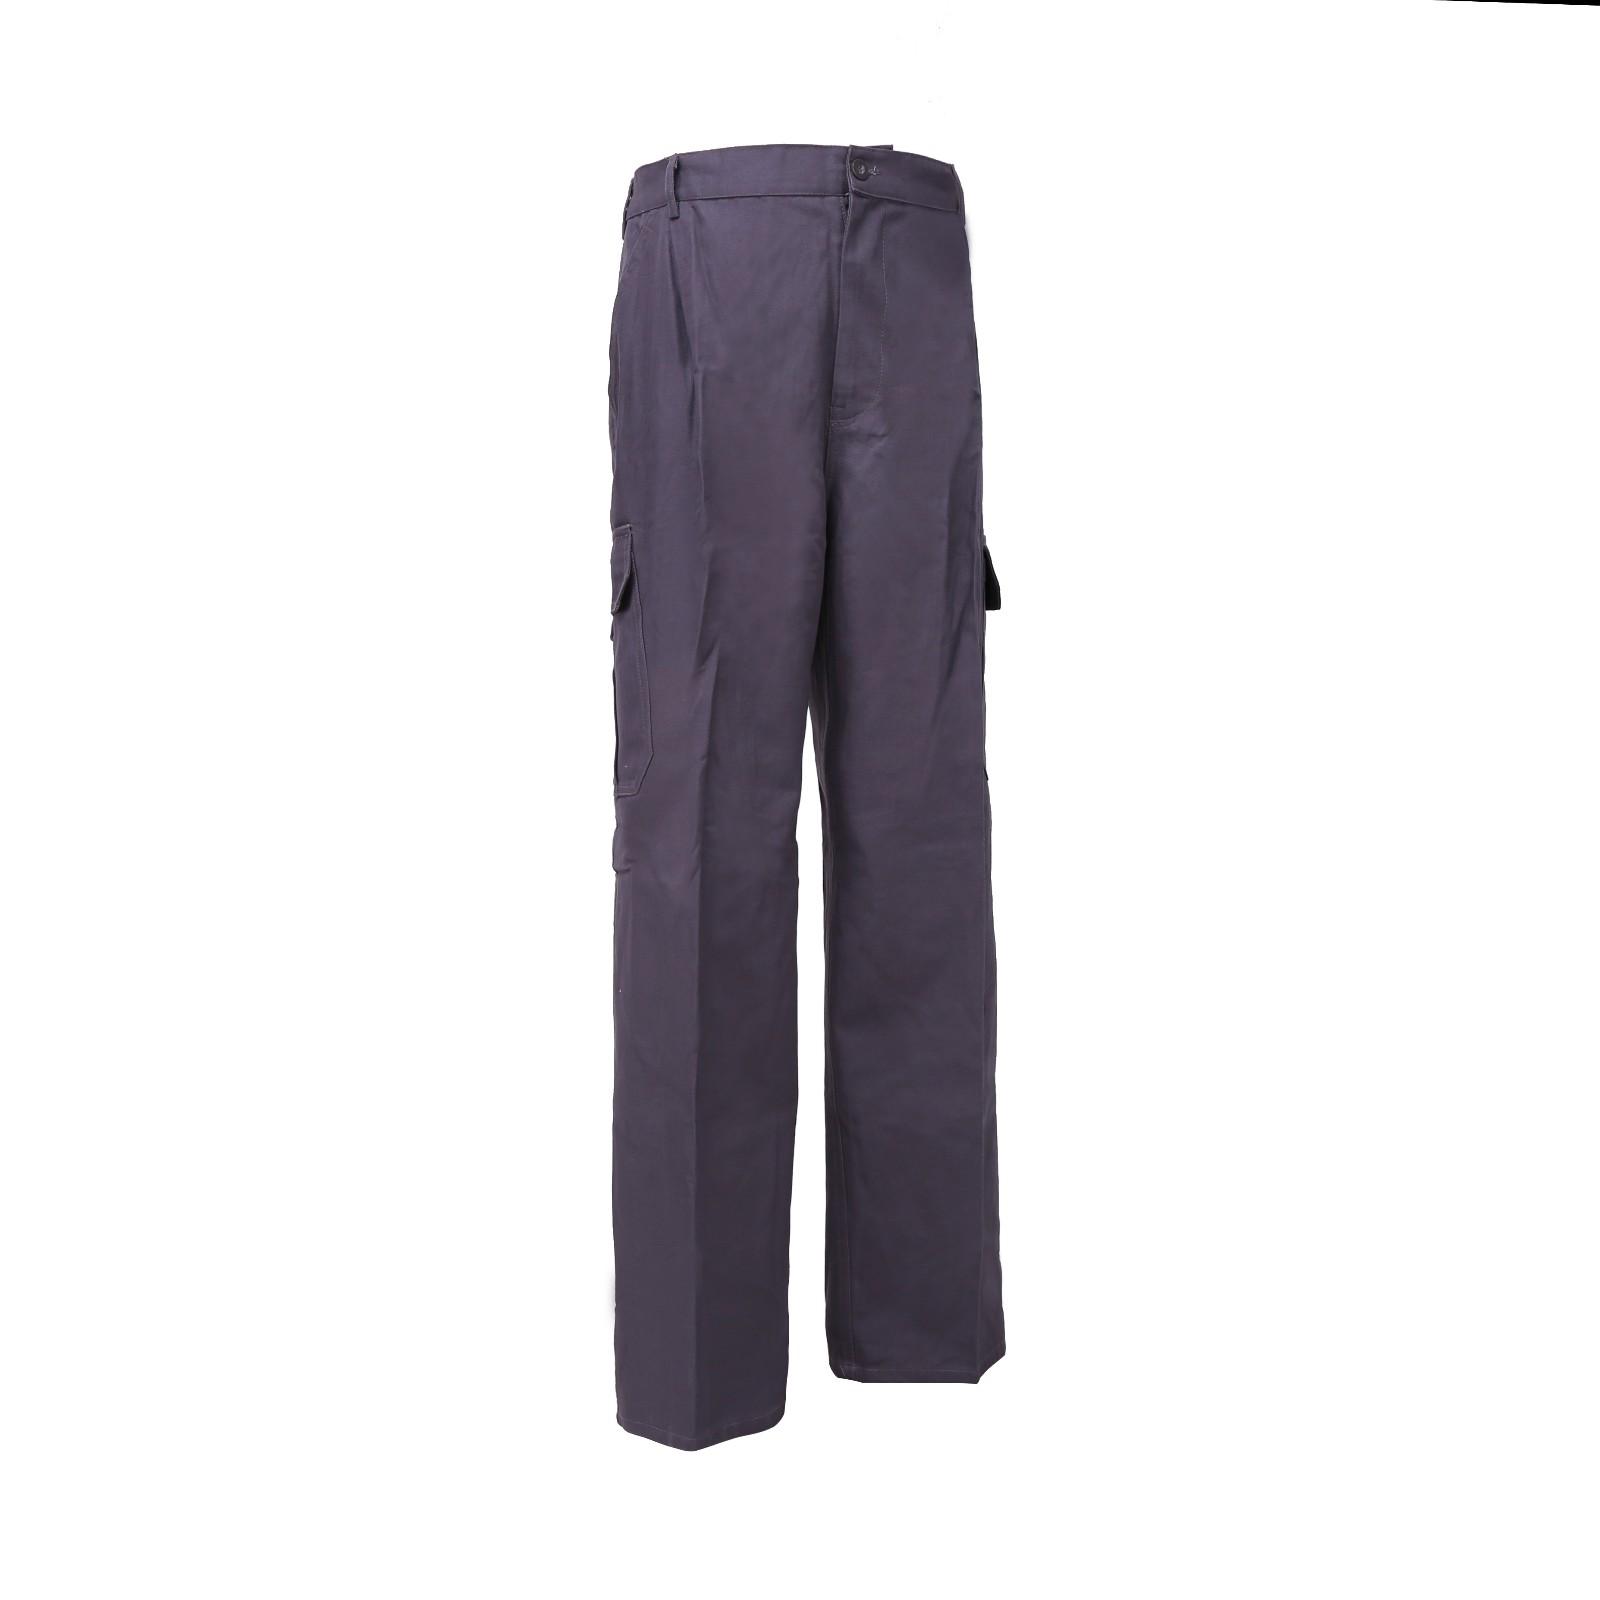 Cotton Pants Manufacturers, Cotton Pants Factory, Supply Cotton Pants